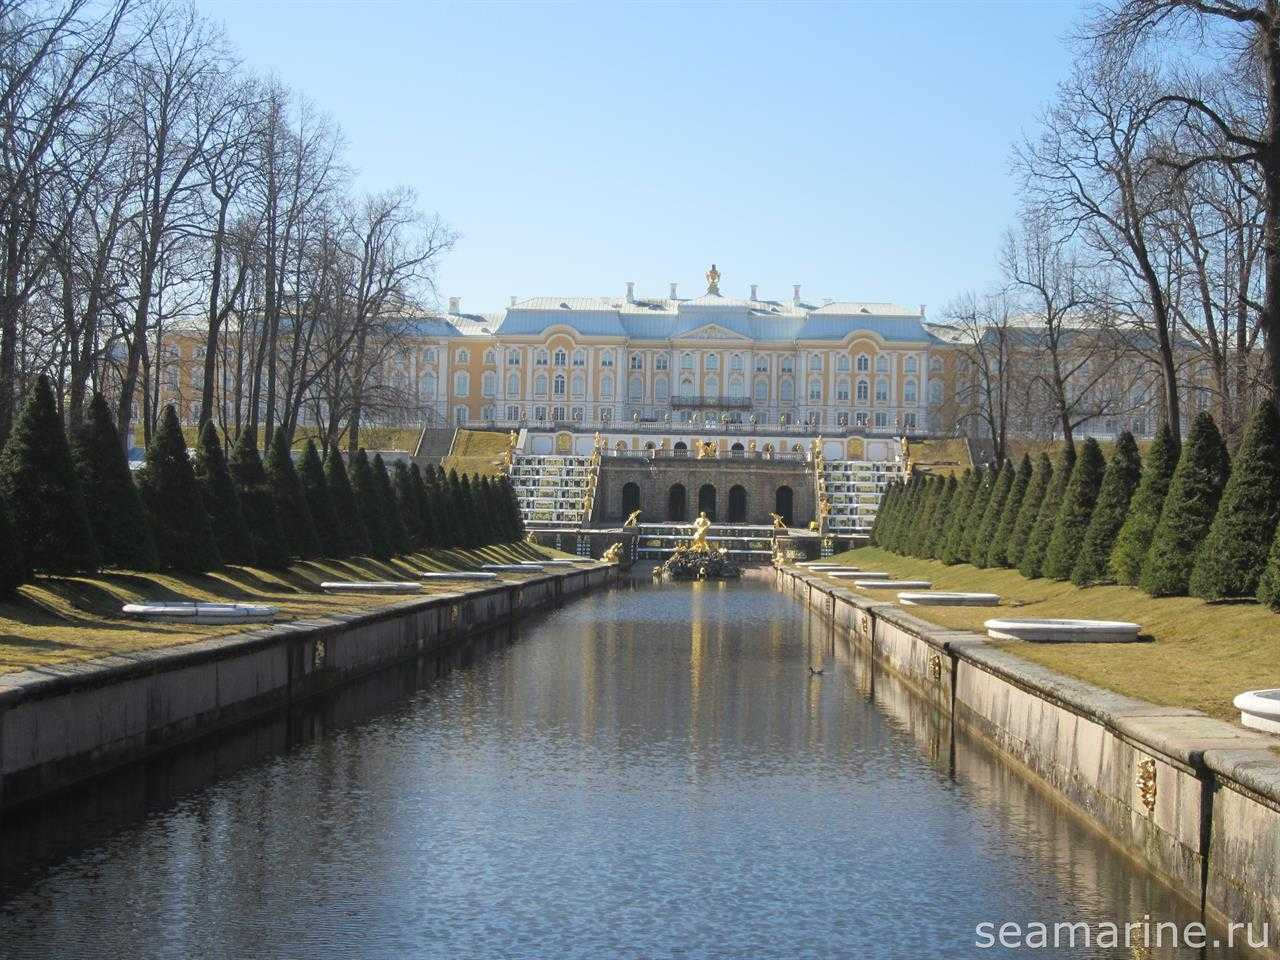 Петергоф. Большой Петергофский дворец